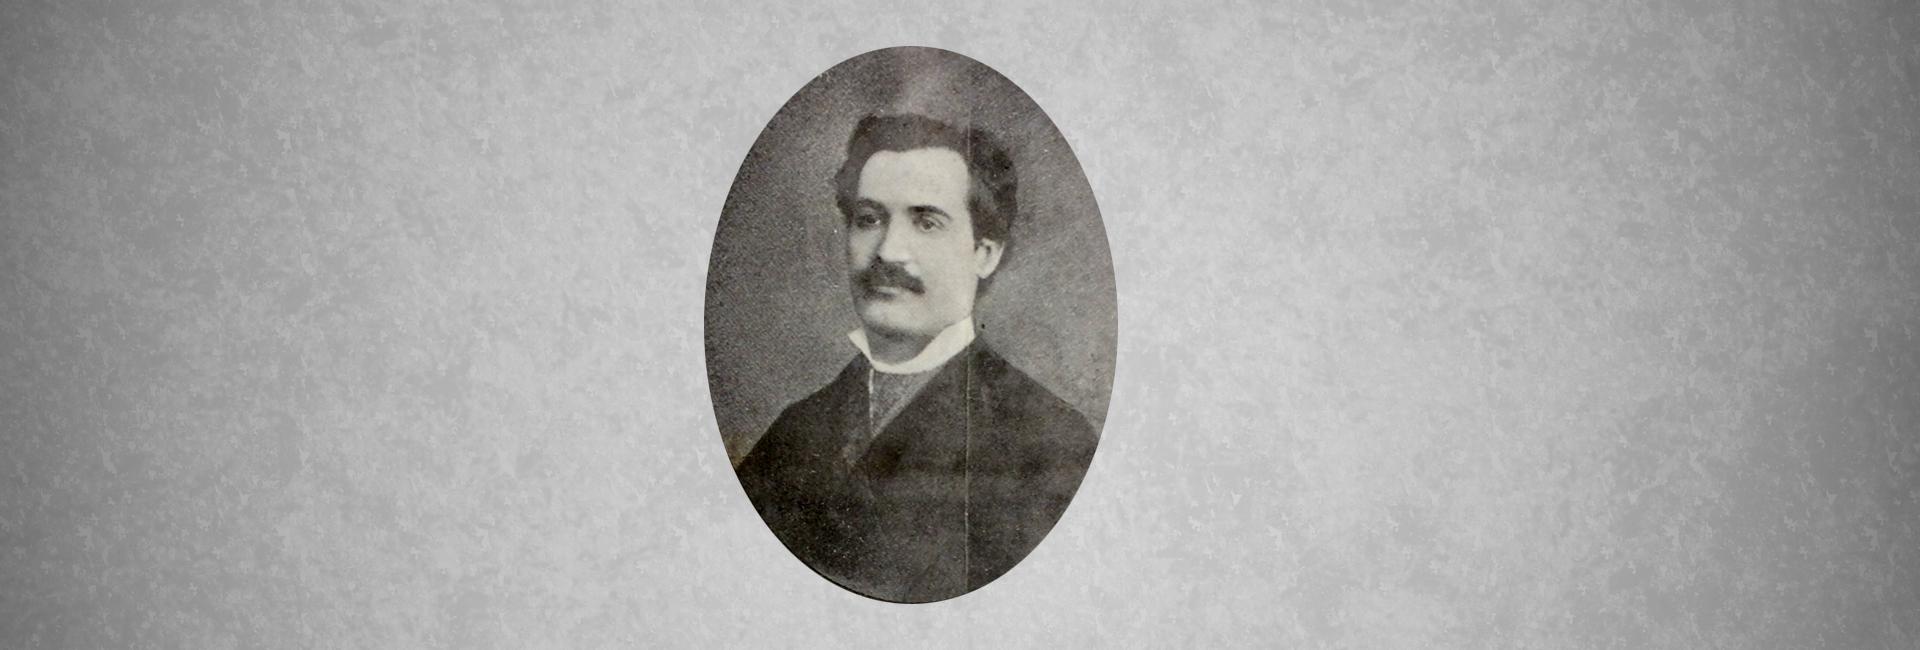 Eminescu scrieri politice si sociale Matricea Romaneasca slider